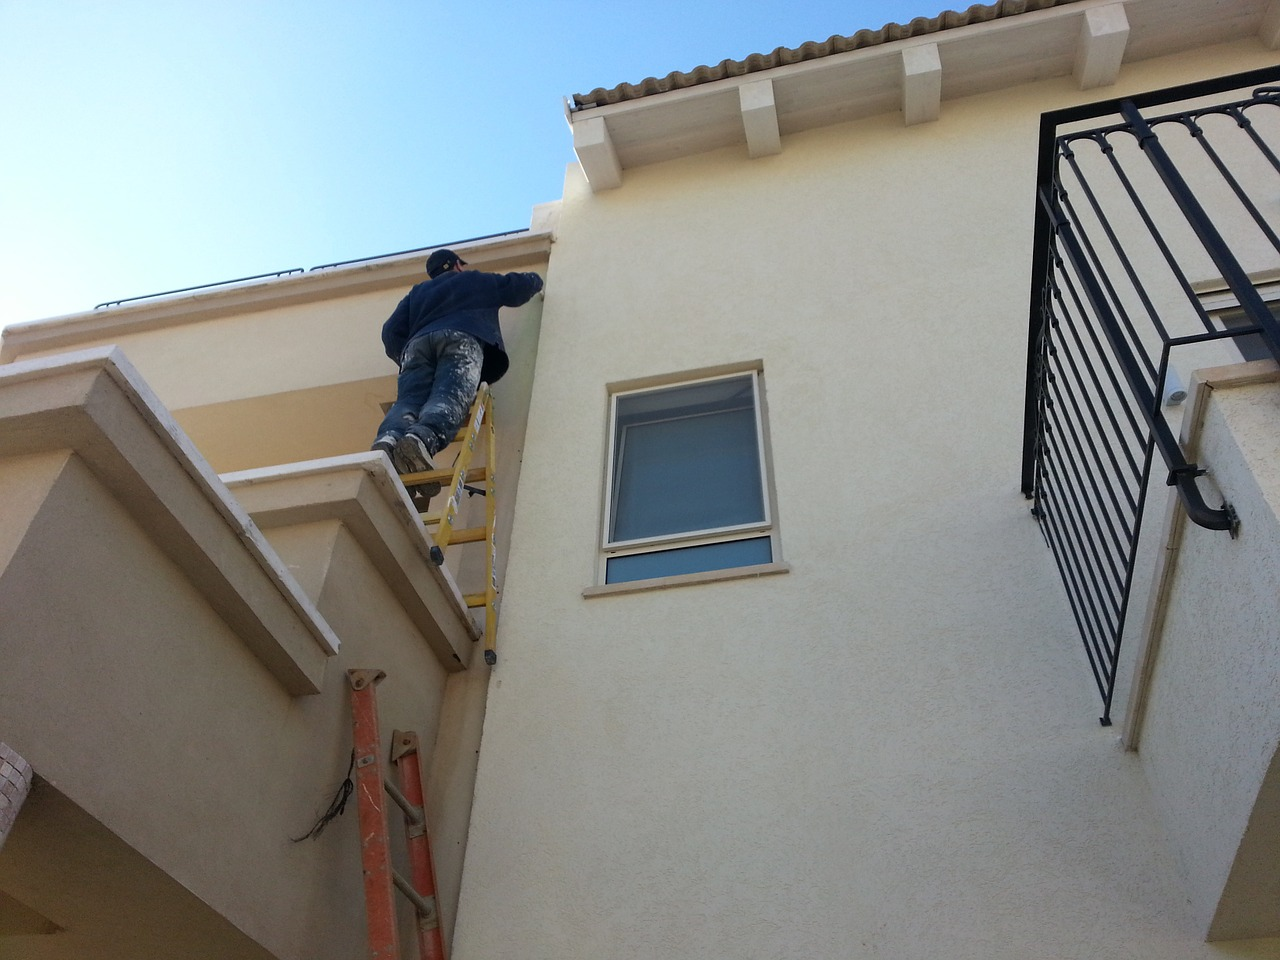 Comment bien fixer une échelle de toit ?